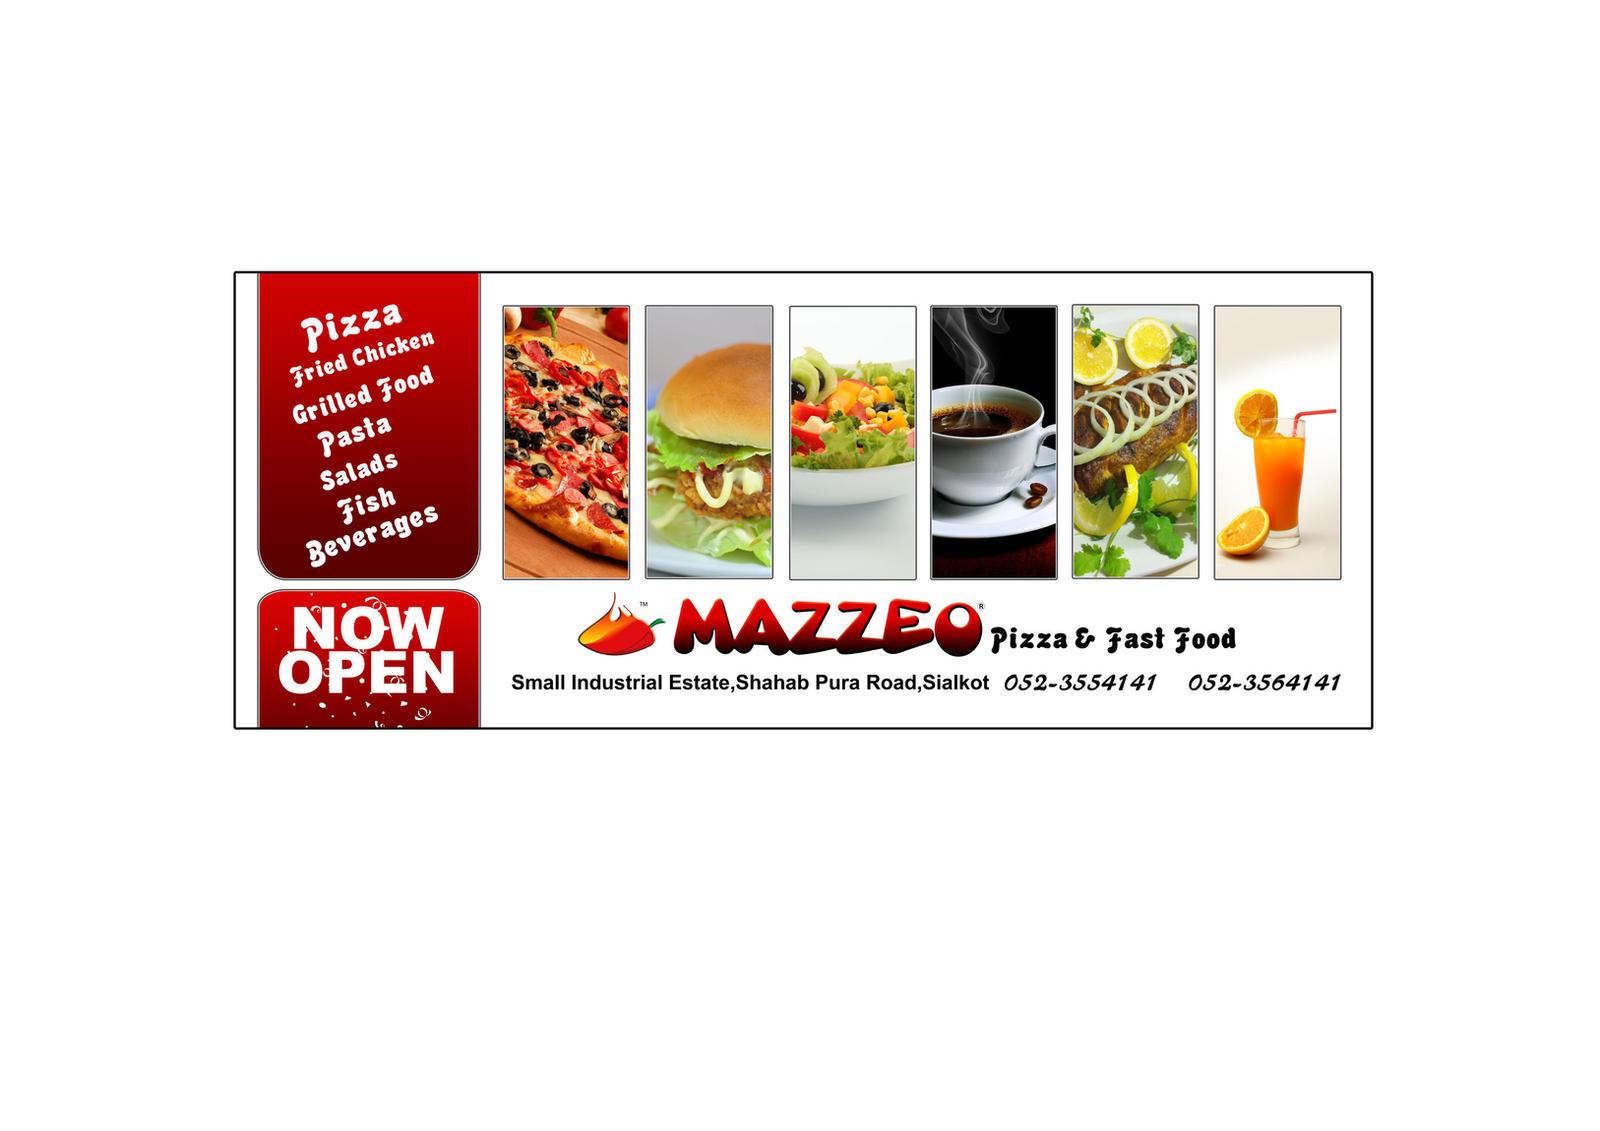 Mazzeo hoarding design by zmalik on deviantart